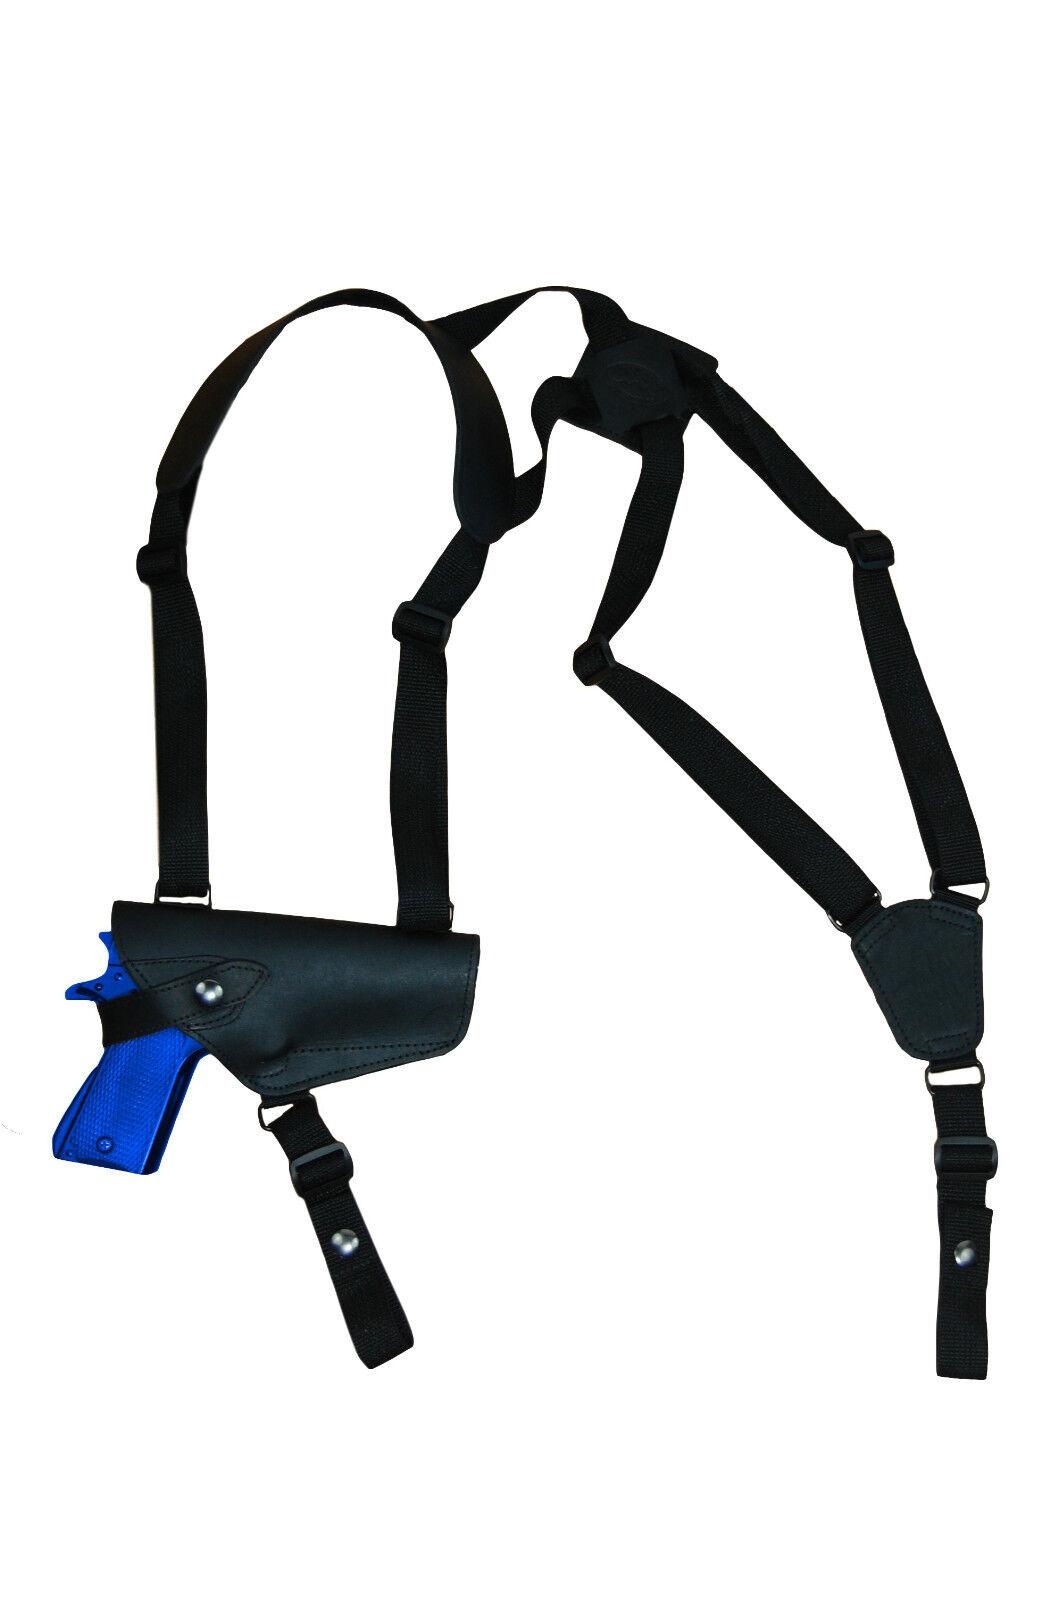 Nuevo barsony Horizontal Negro Cuero Pistolera de hombro para Ruger, estrella de tamaño completo